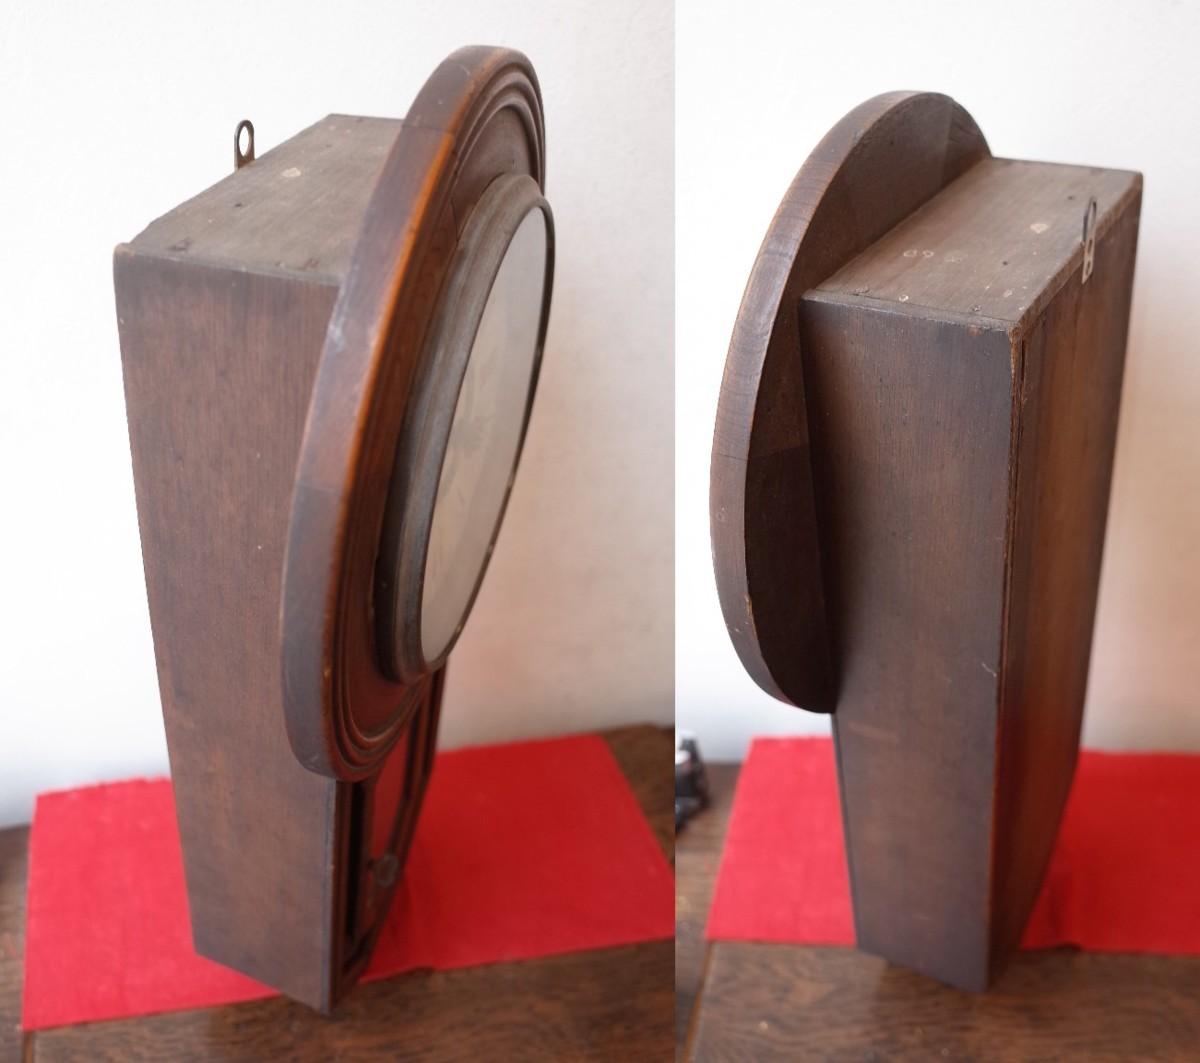 ○手巻き アンティーク振り子時計 日本製 可愛い木製デザイン  古道具のgplus広島 2103k_画像8